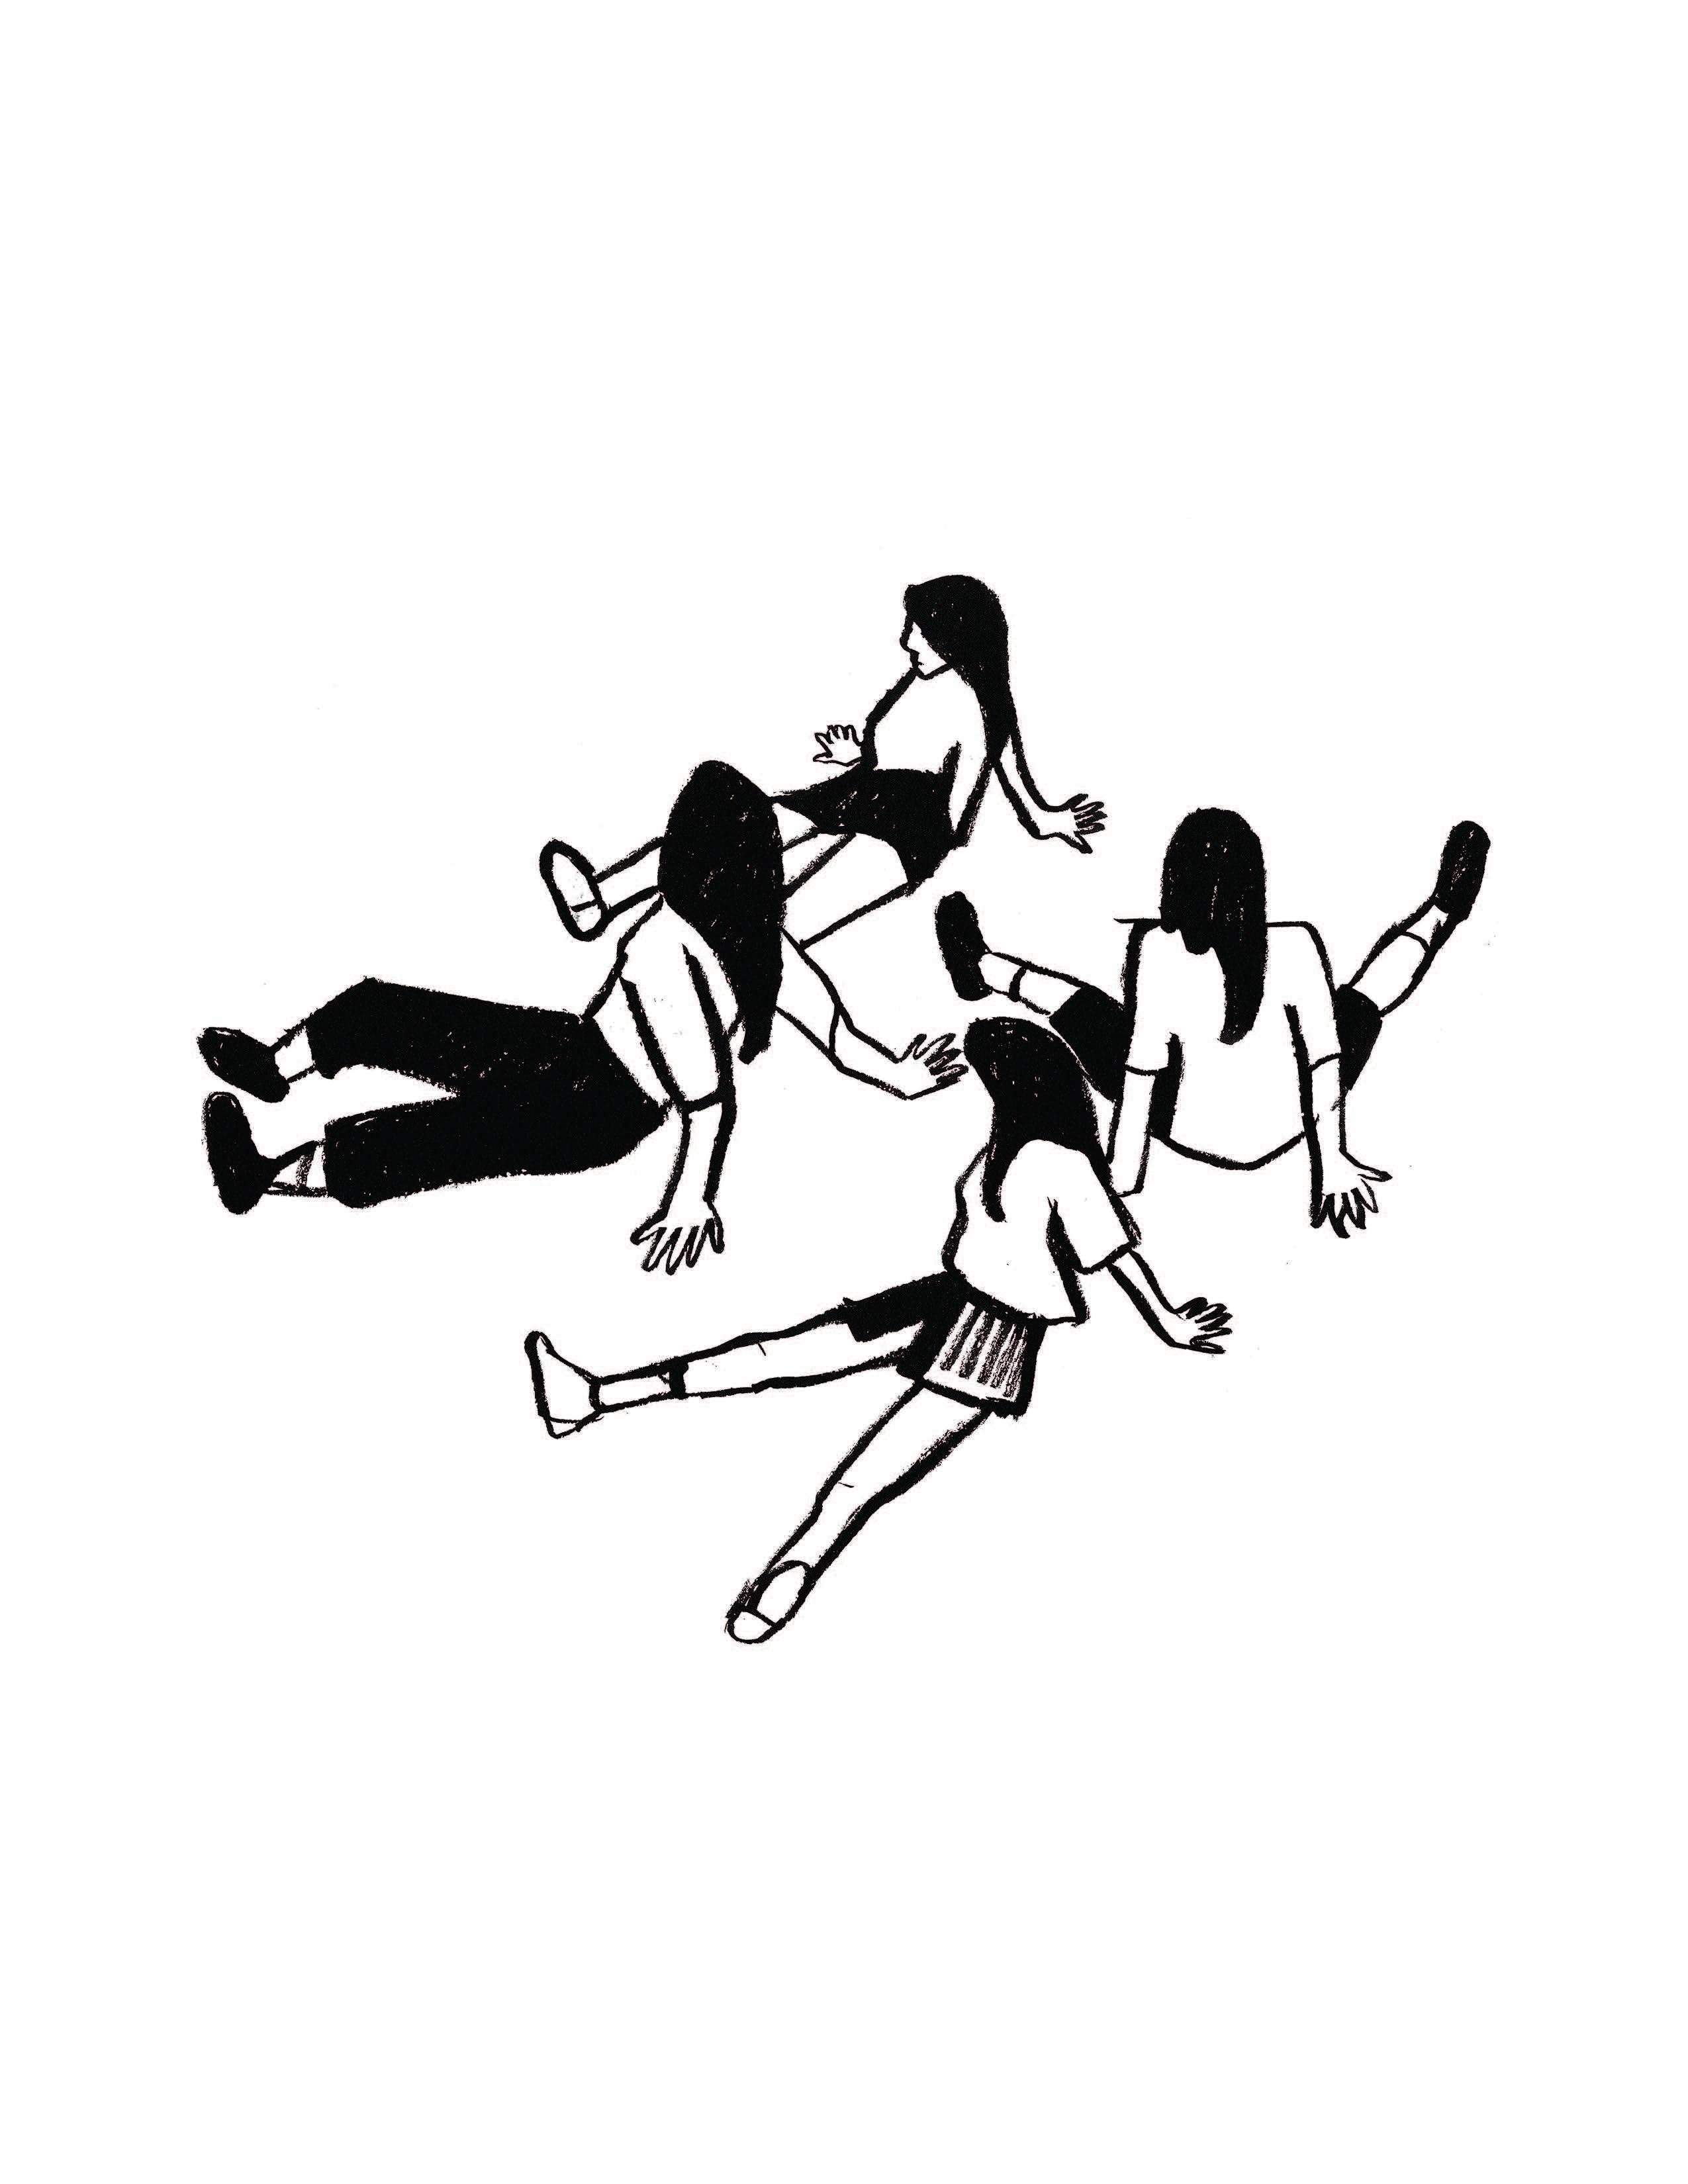 ladies_drawings_8.5x11_Page_19